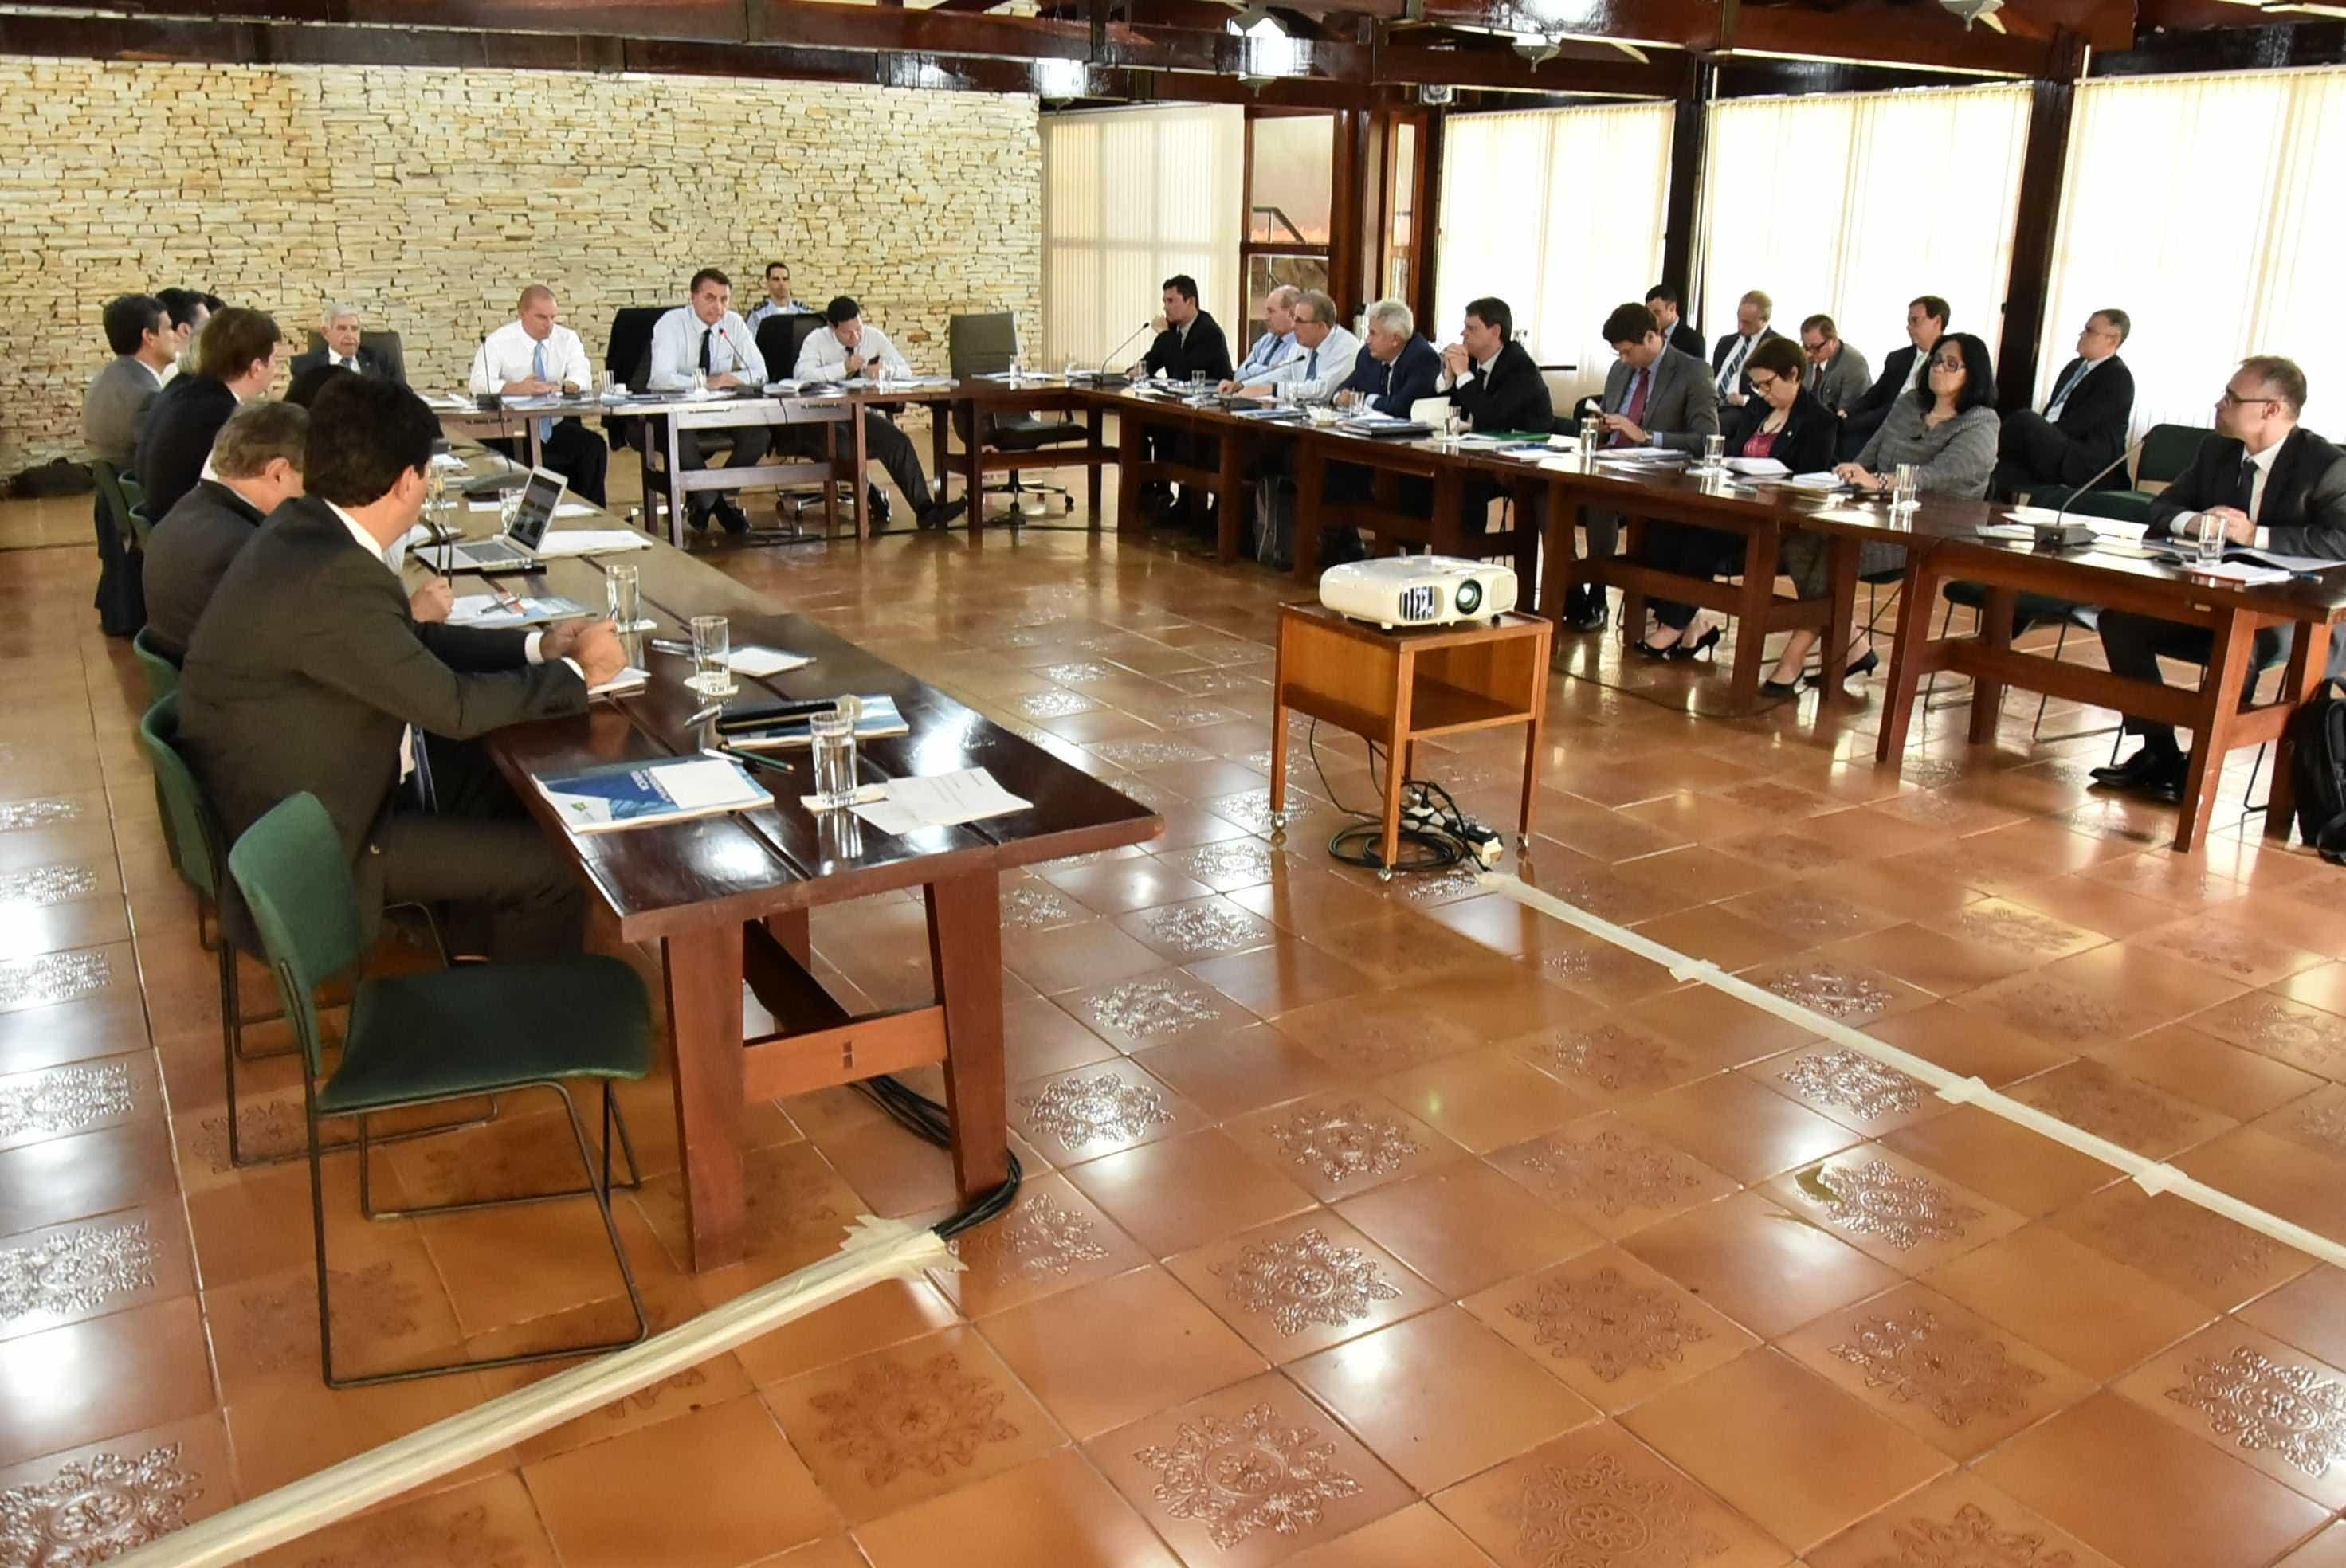 Ministros de Bolsonaro participam de curso de gestão e governança